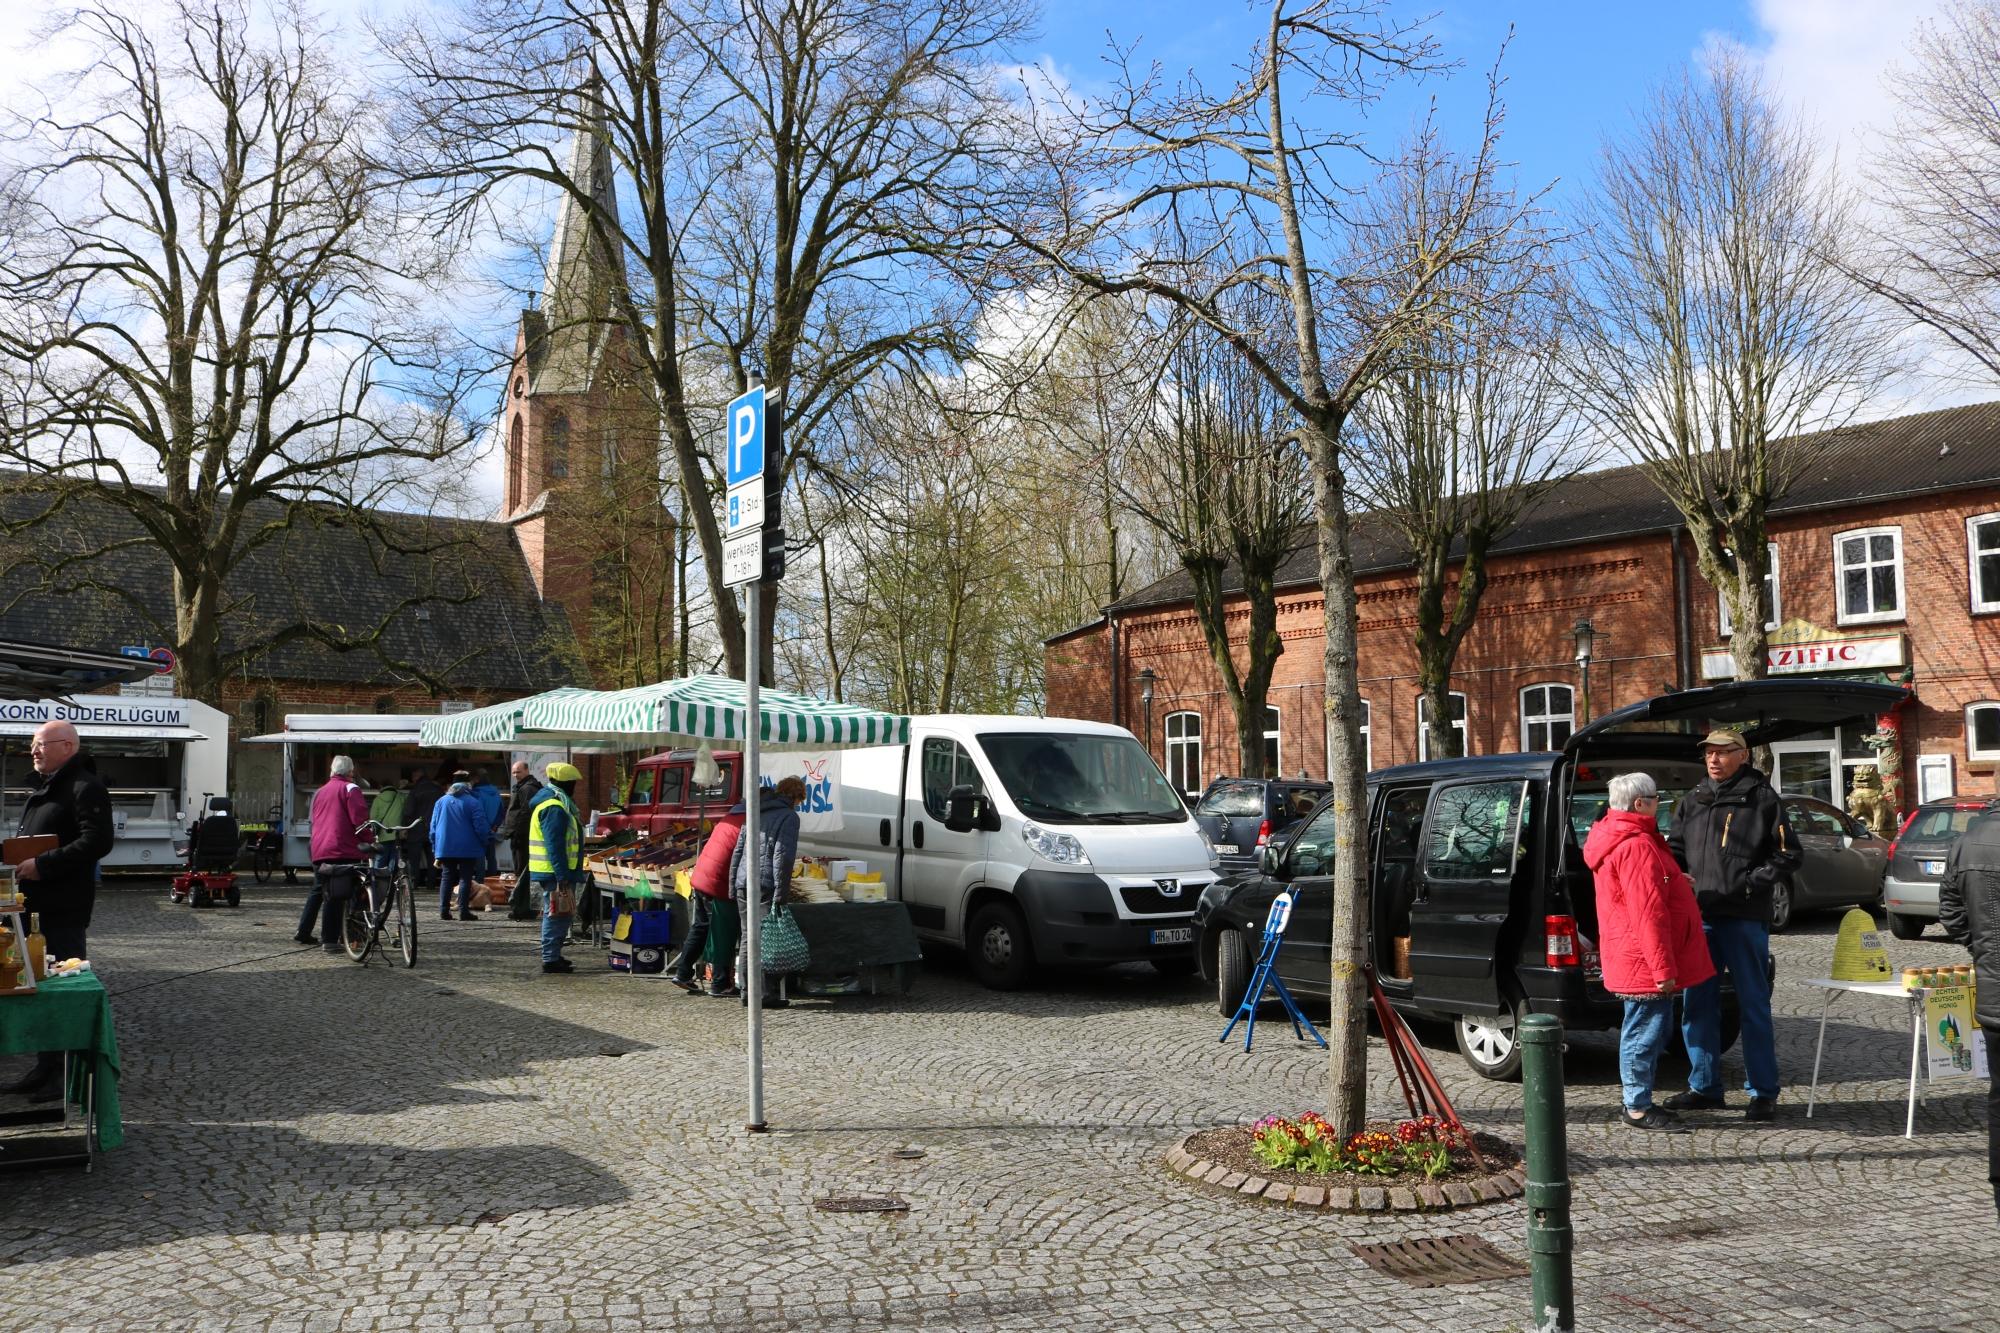 20170428_Lecker_Wochenmarkt_12